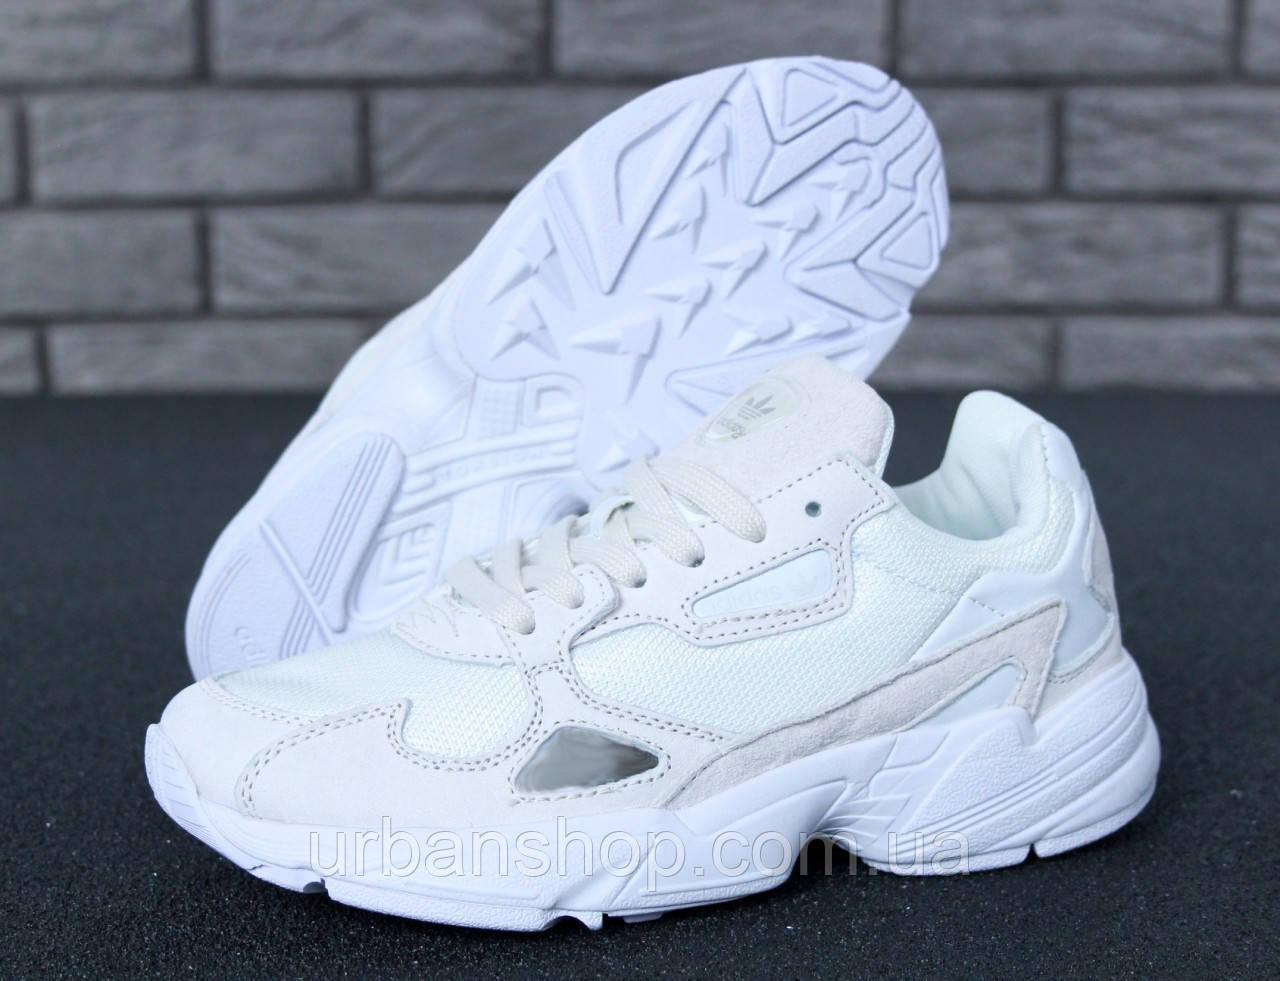 Жіночі кросівки AD Falcon white, А-д фалькон. ТОП Репліка ААА класу.